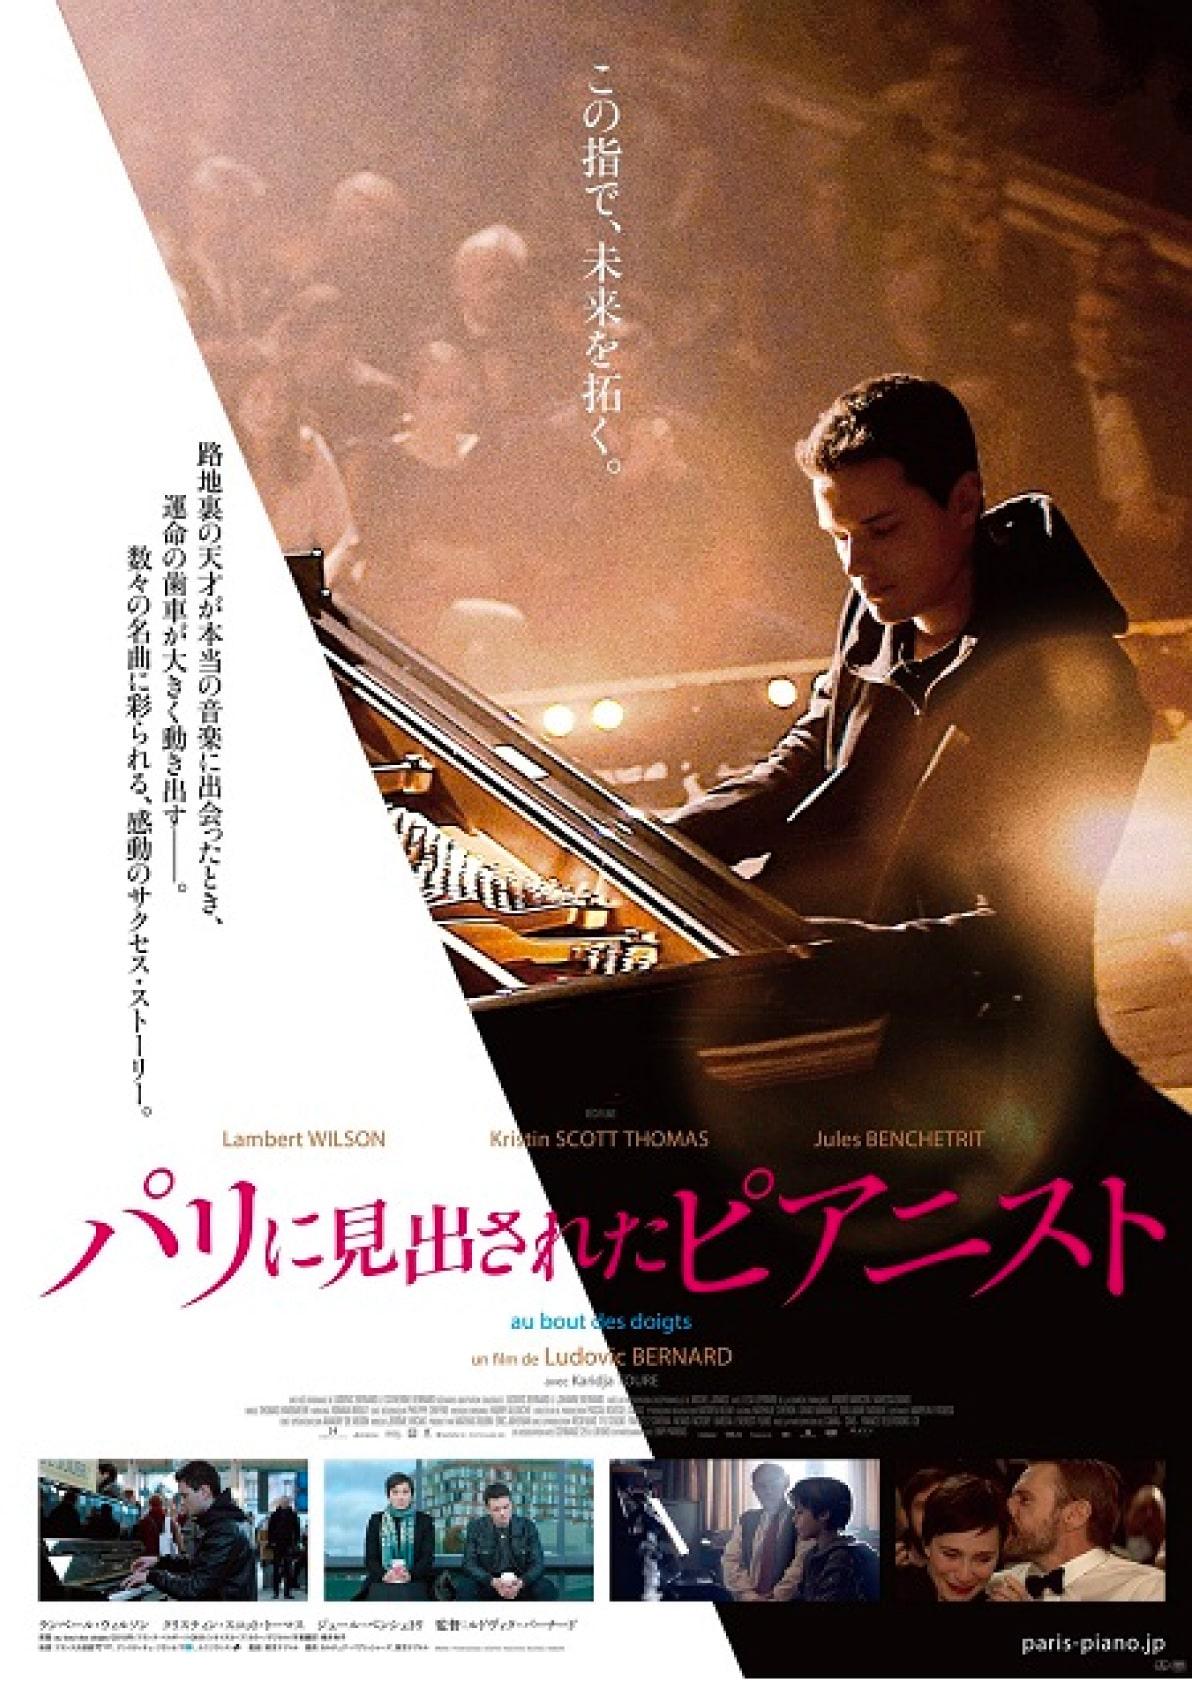 パリに見出されたピアニストチラシ1